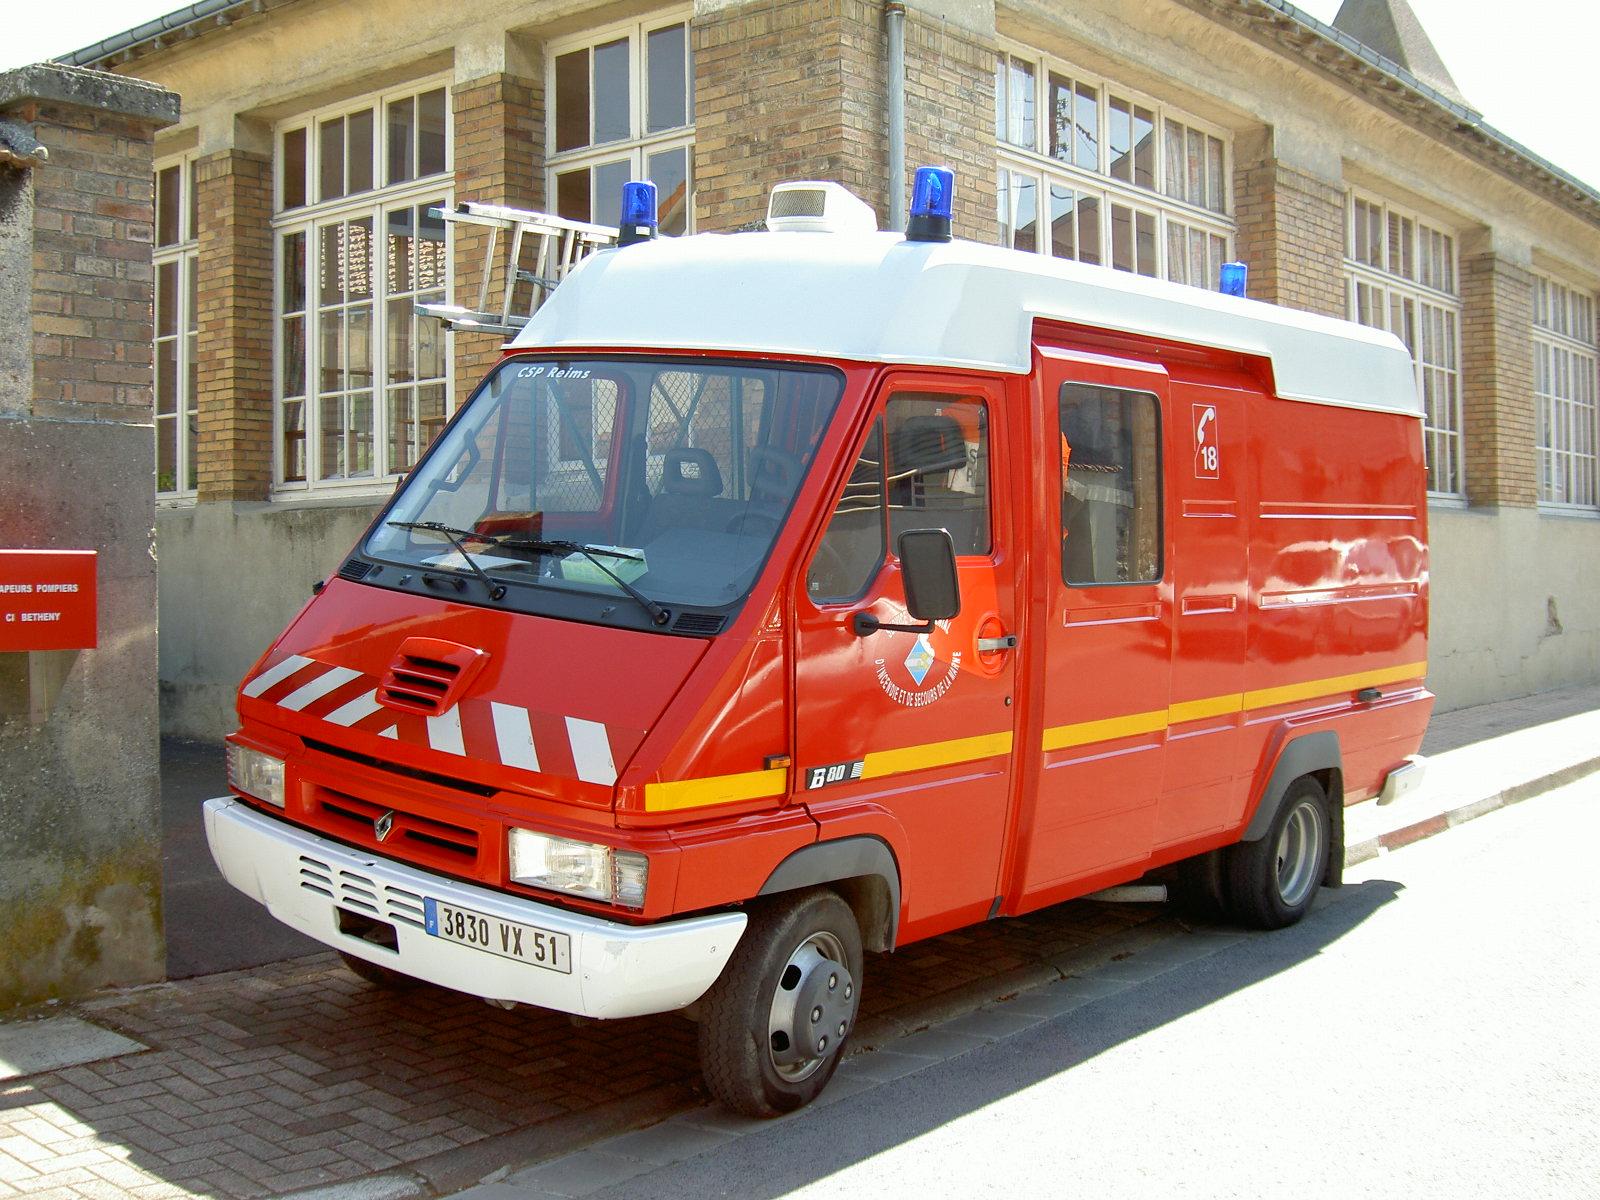 Vente Camion Pompier Maison Design Wiblia Com